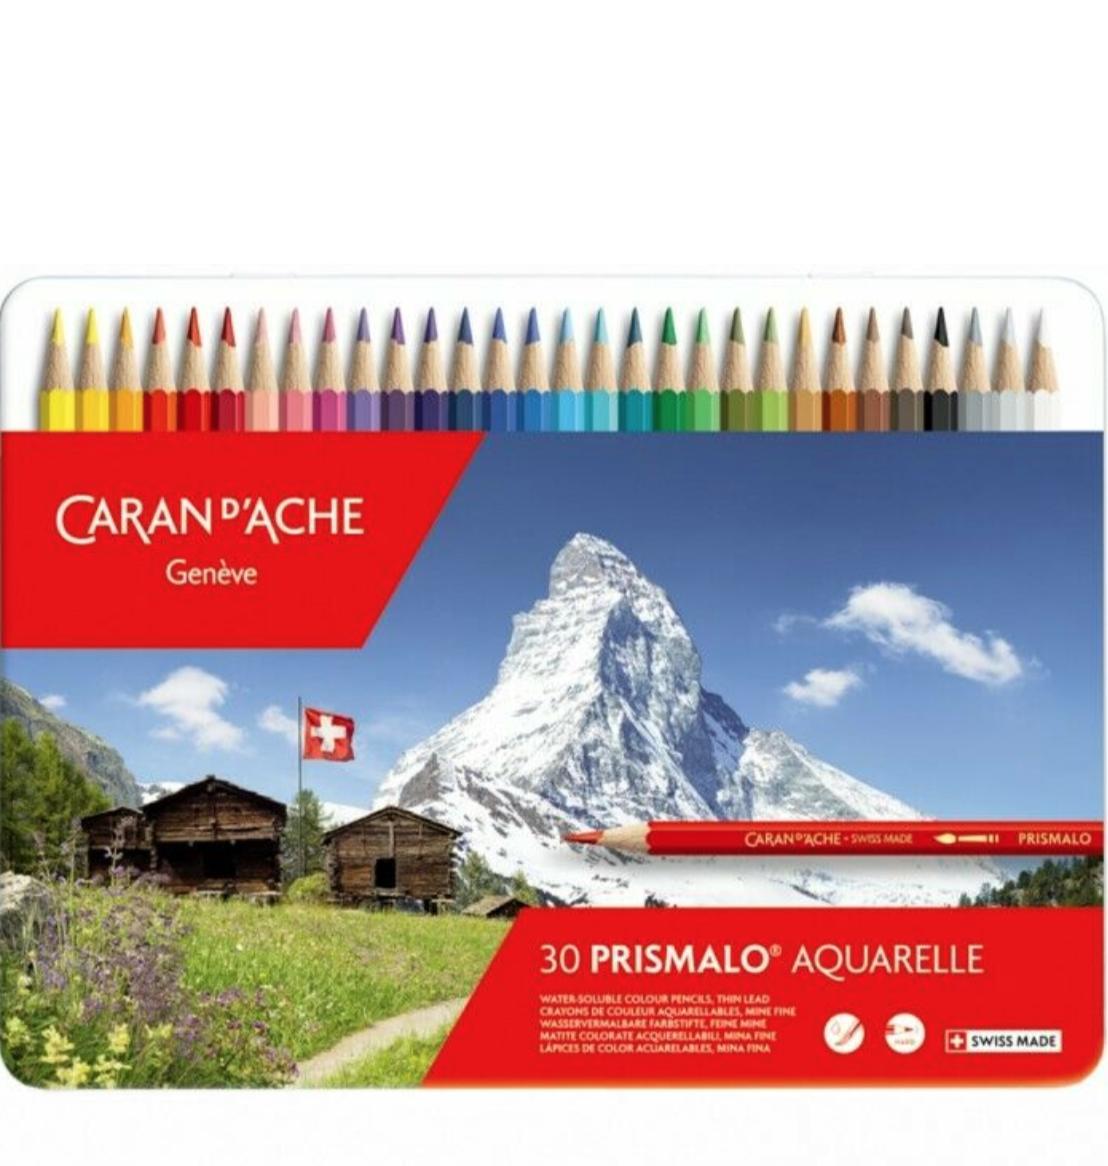 CARAN D'ACHE PRISMALO AQUARELLE X 30 COLOUR PENCILS CRAYON COULEUR  ART ARTISTE DESSIN DRAW 7610186013300 COMASOUND KARTEL CSK ONLINE